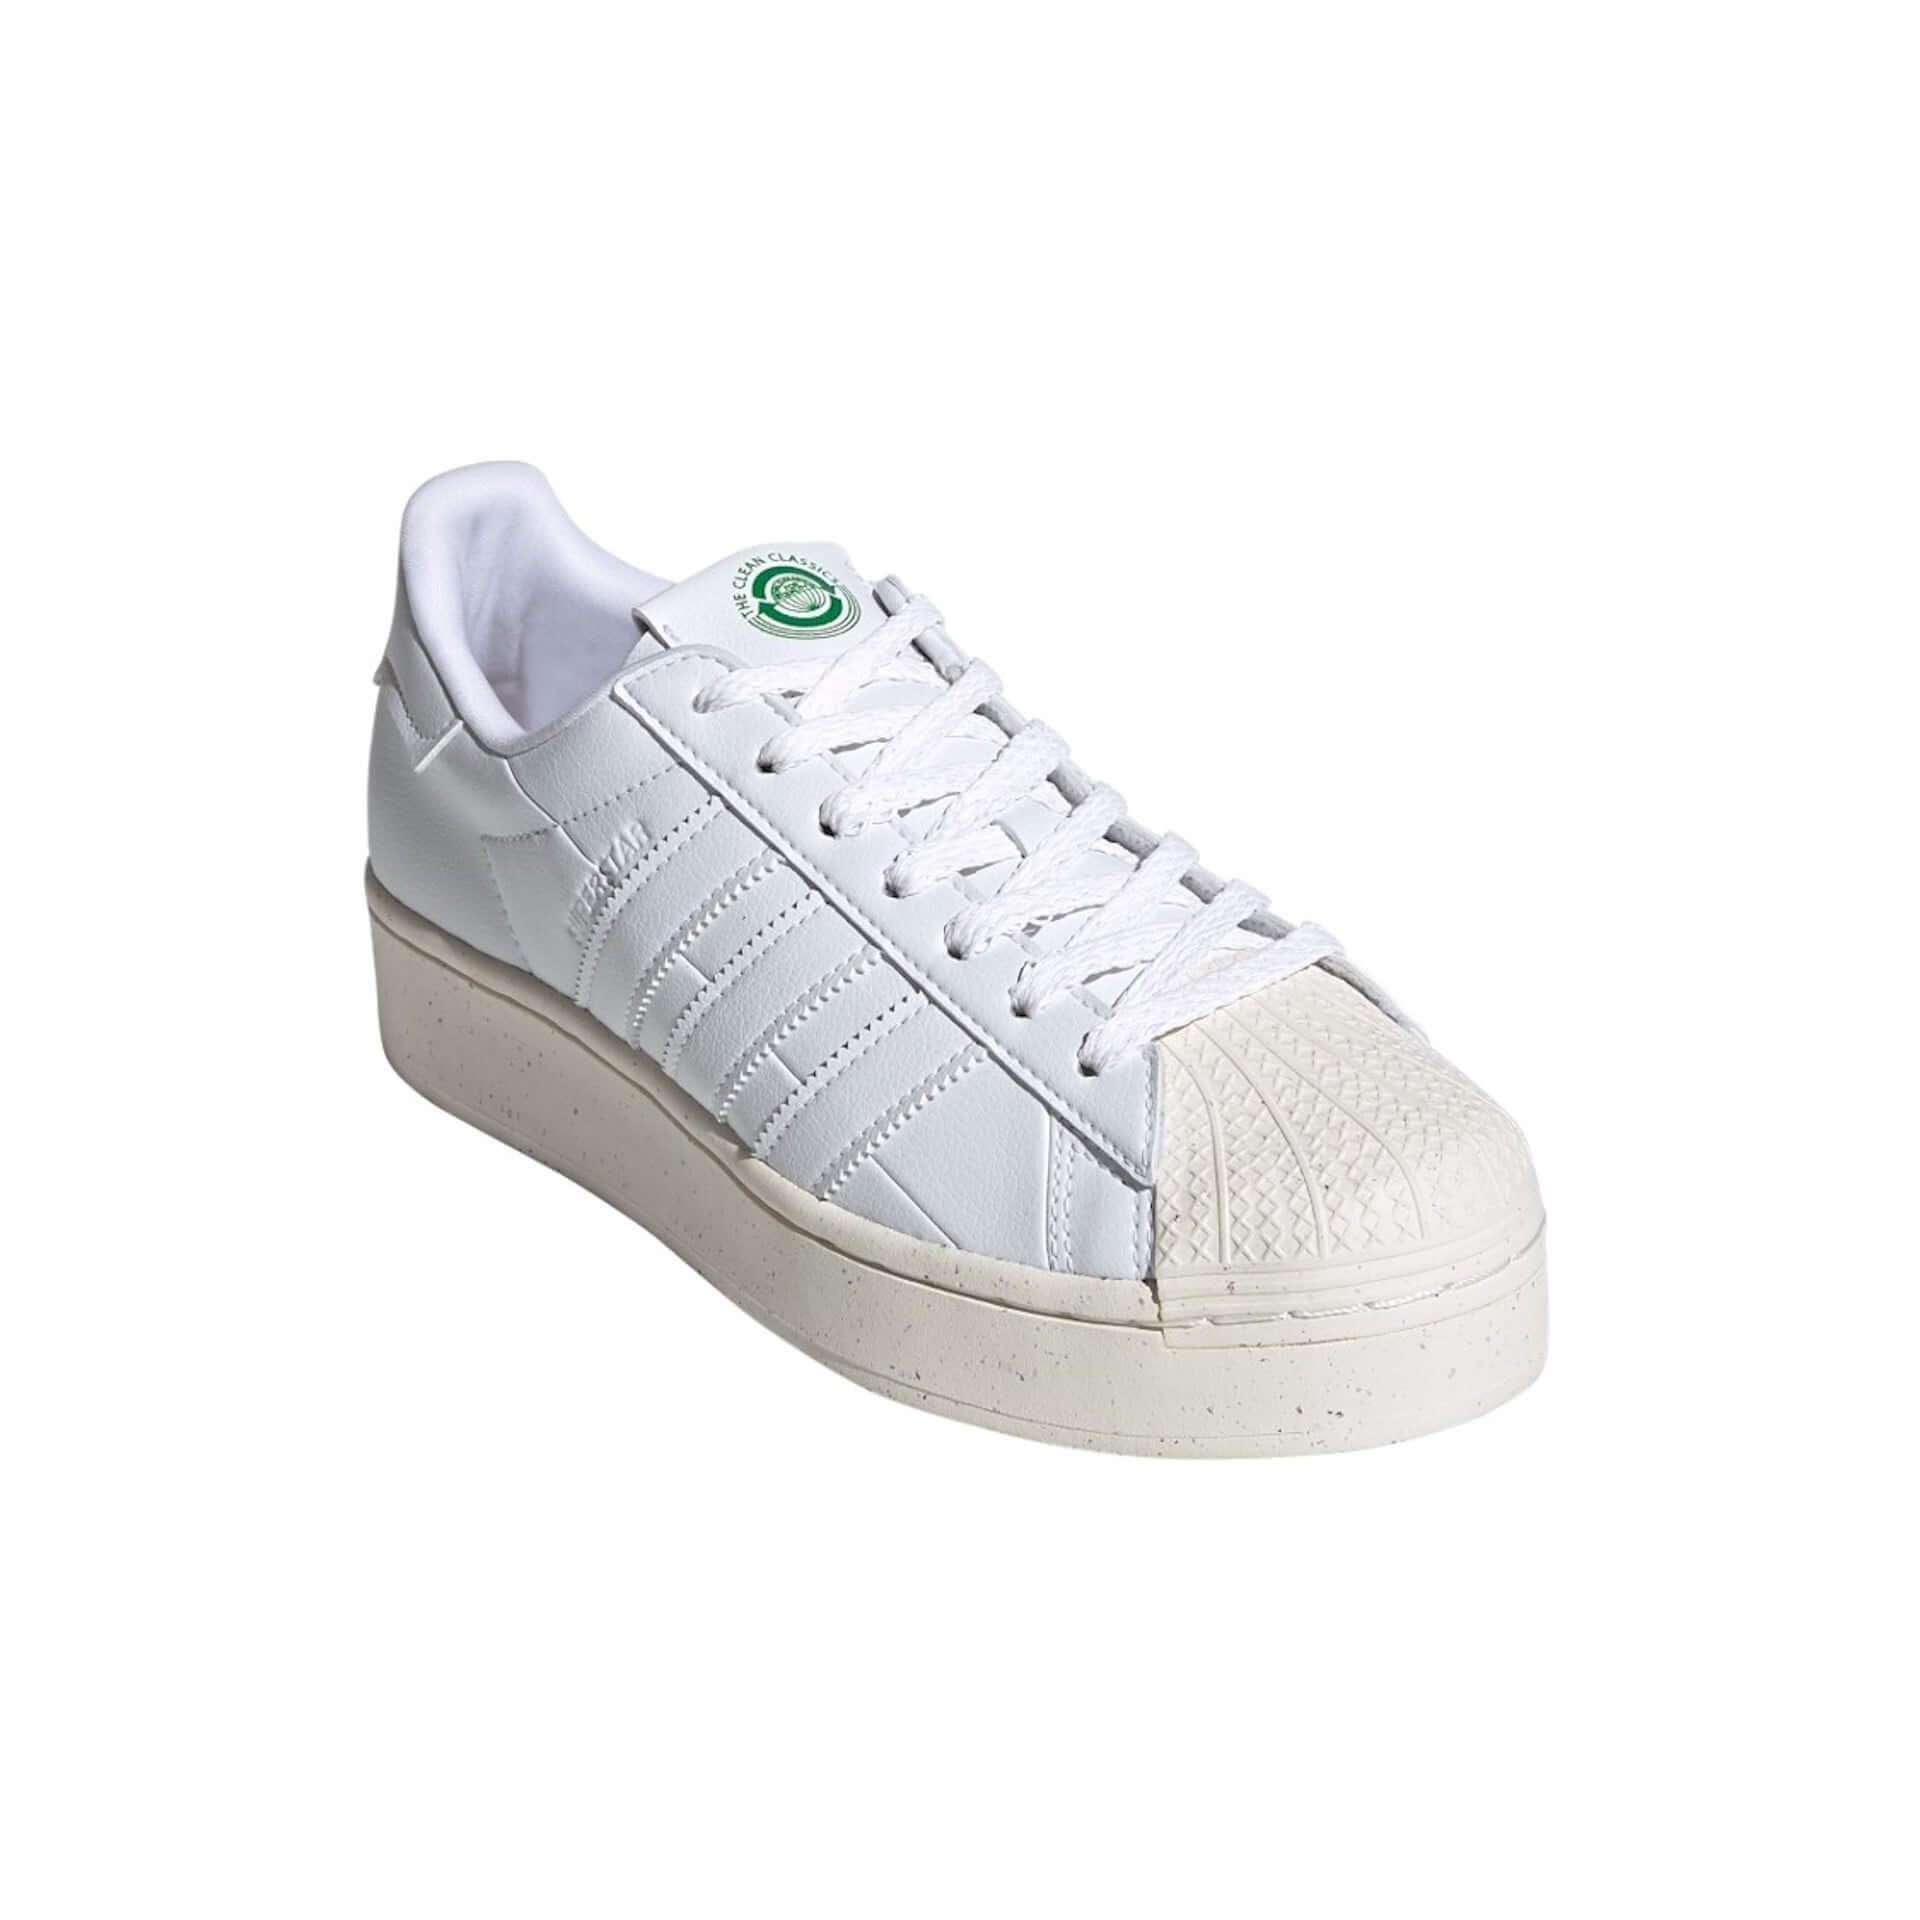 adidas Originalsがサステナブルなフットウェアコレクション「Clean Classics」を発売!名作「SUPERSTAR」「STAN SMITH」も登場 lf200804_adidas-cleanclassics_8-1920x1920